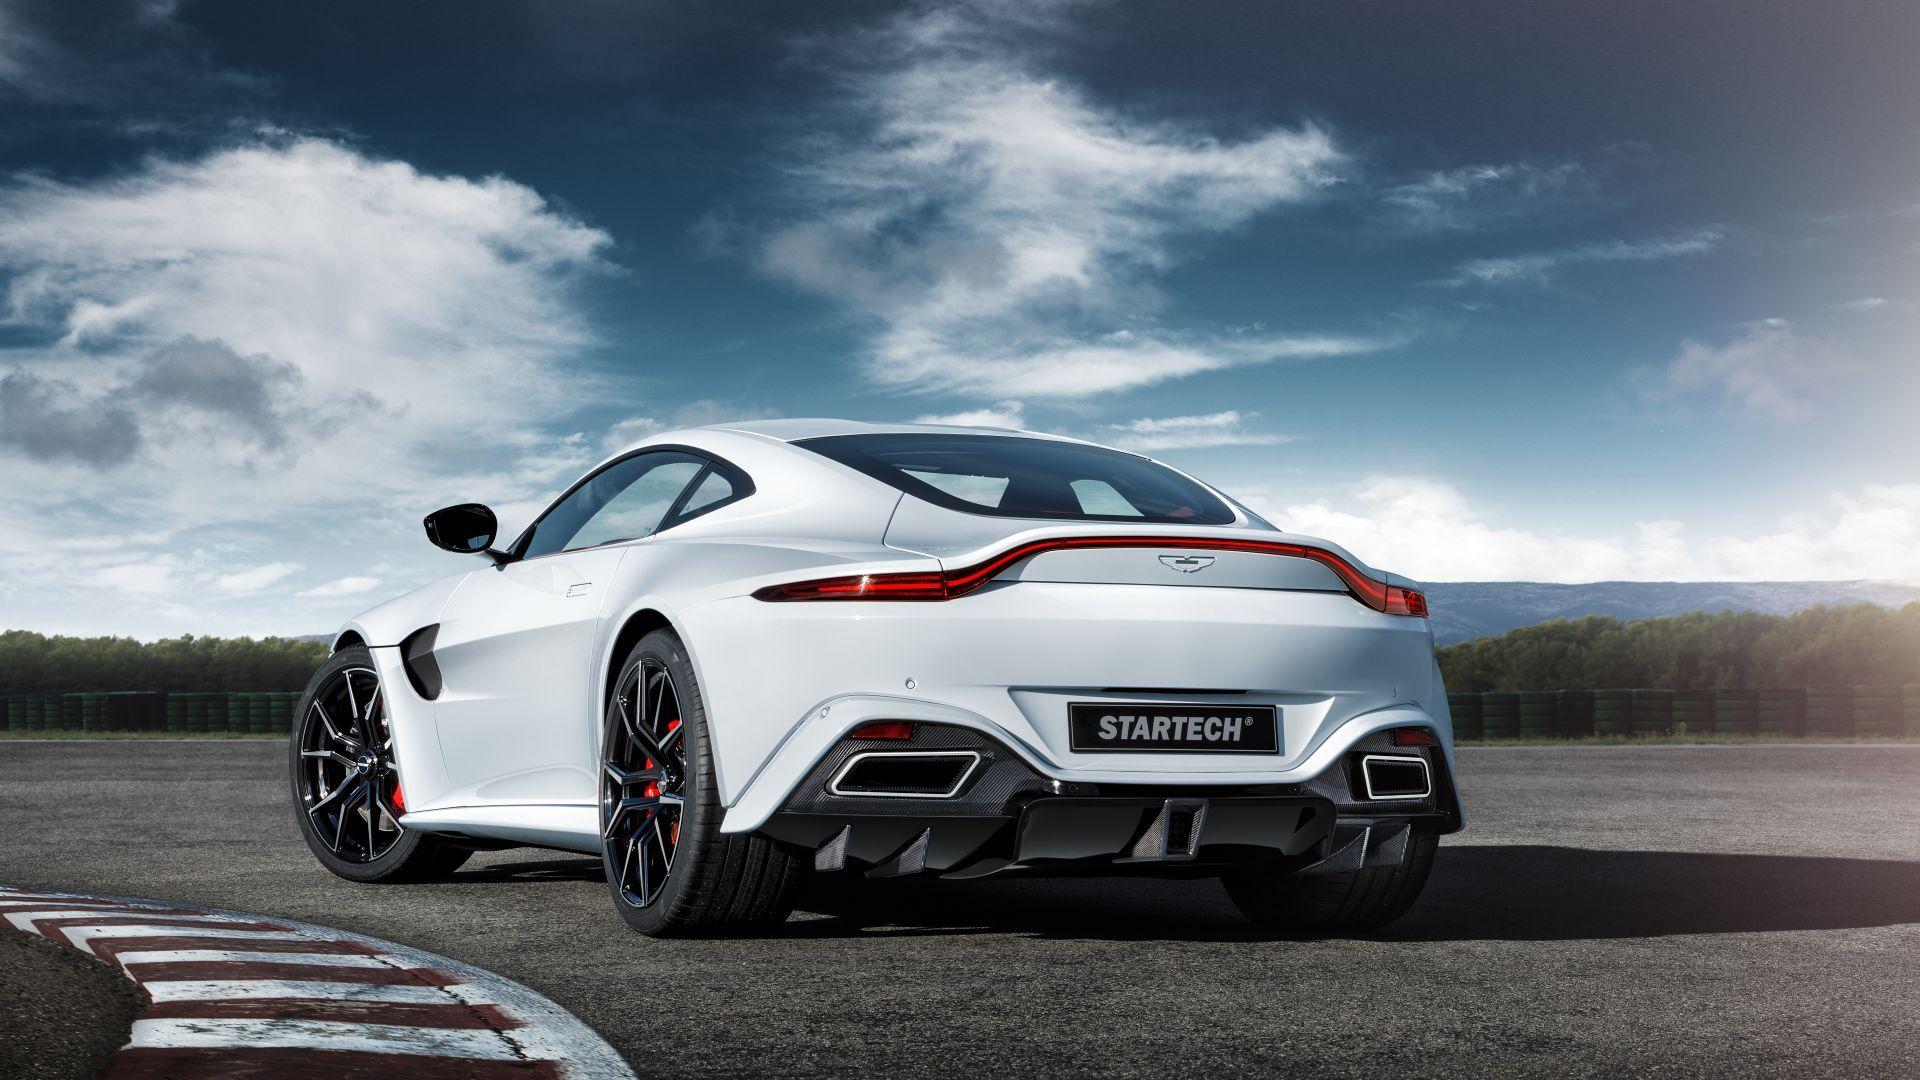 Wallpaper Aston Martin Vantage Startech 2019 Cars Geneva Motor